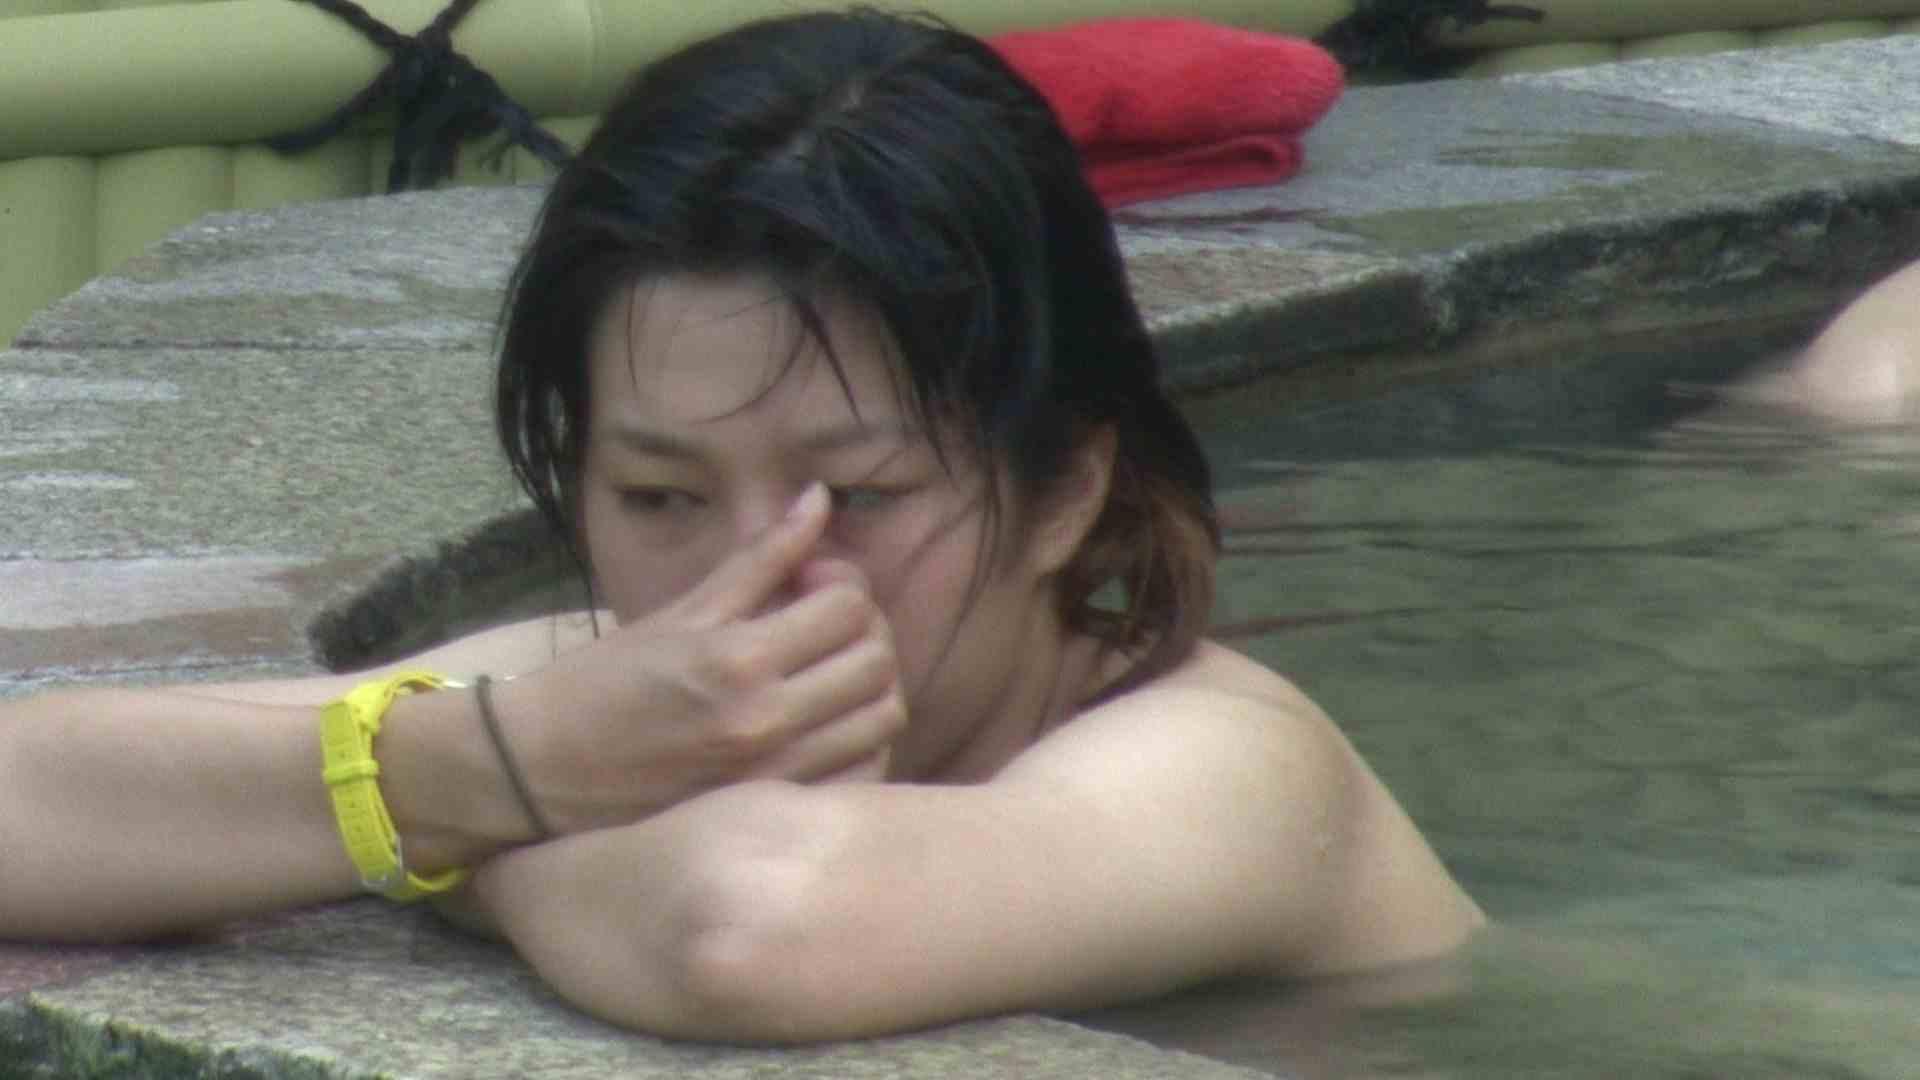 Aquaな露天風呂Vol.132 露天 | 盗撮特集  100画像 57